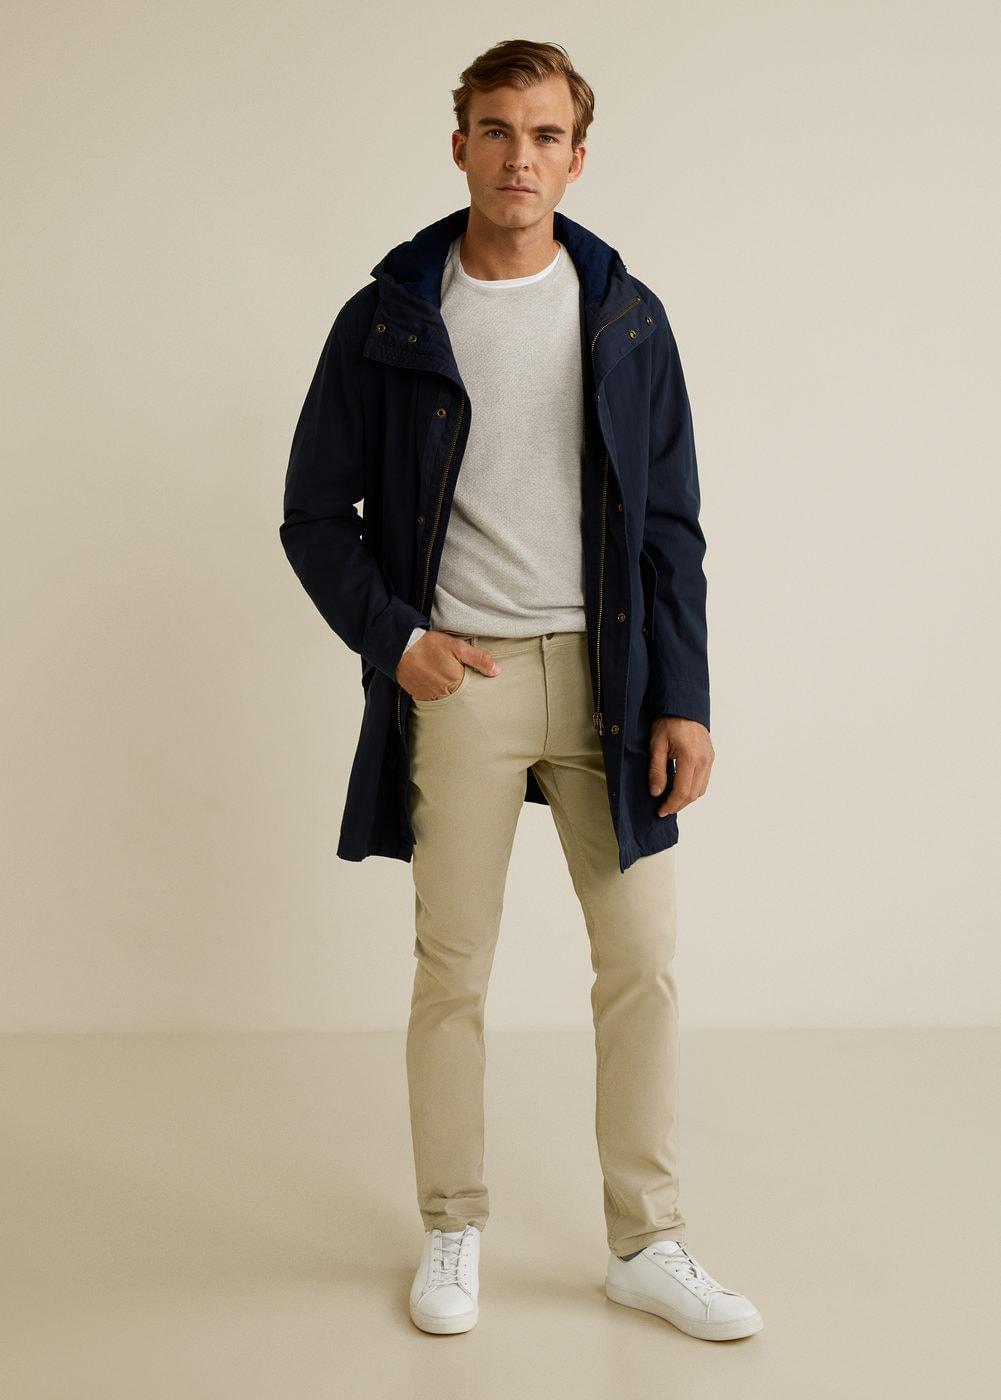 Mango Denim Jeansachtige Slim-fit Serge Broek in het Wit voor heren